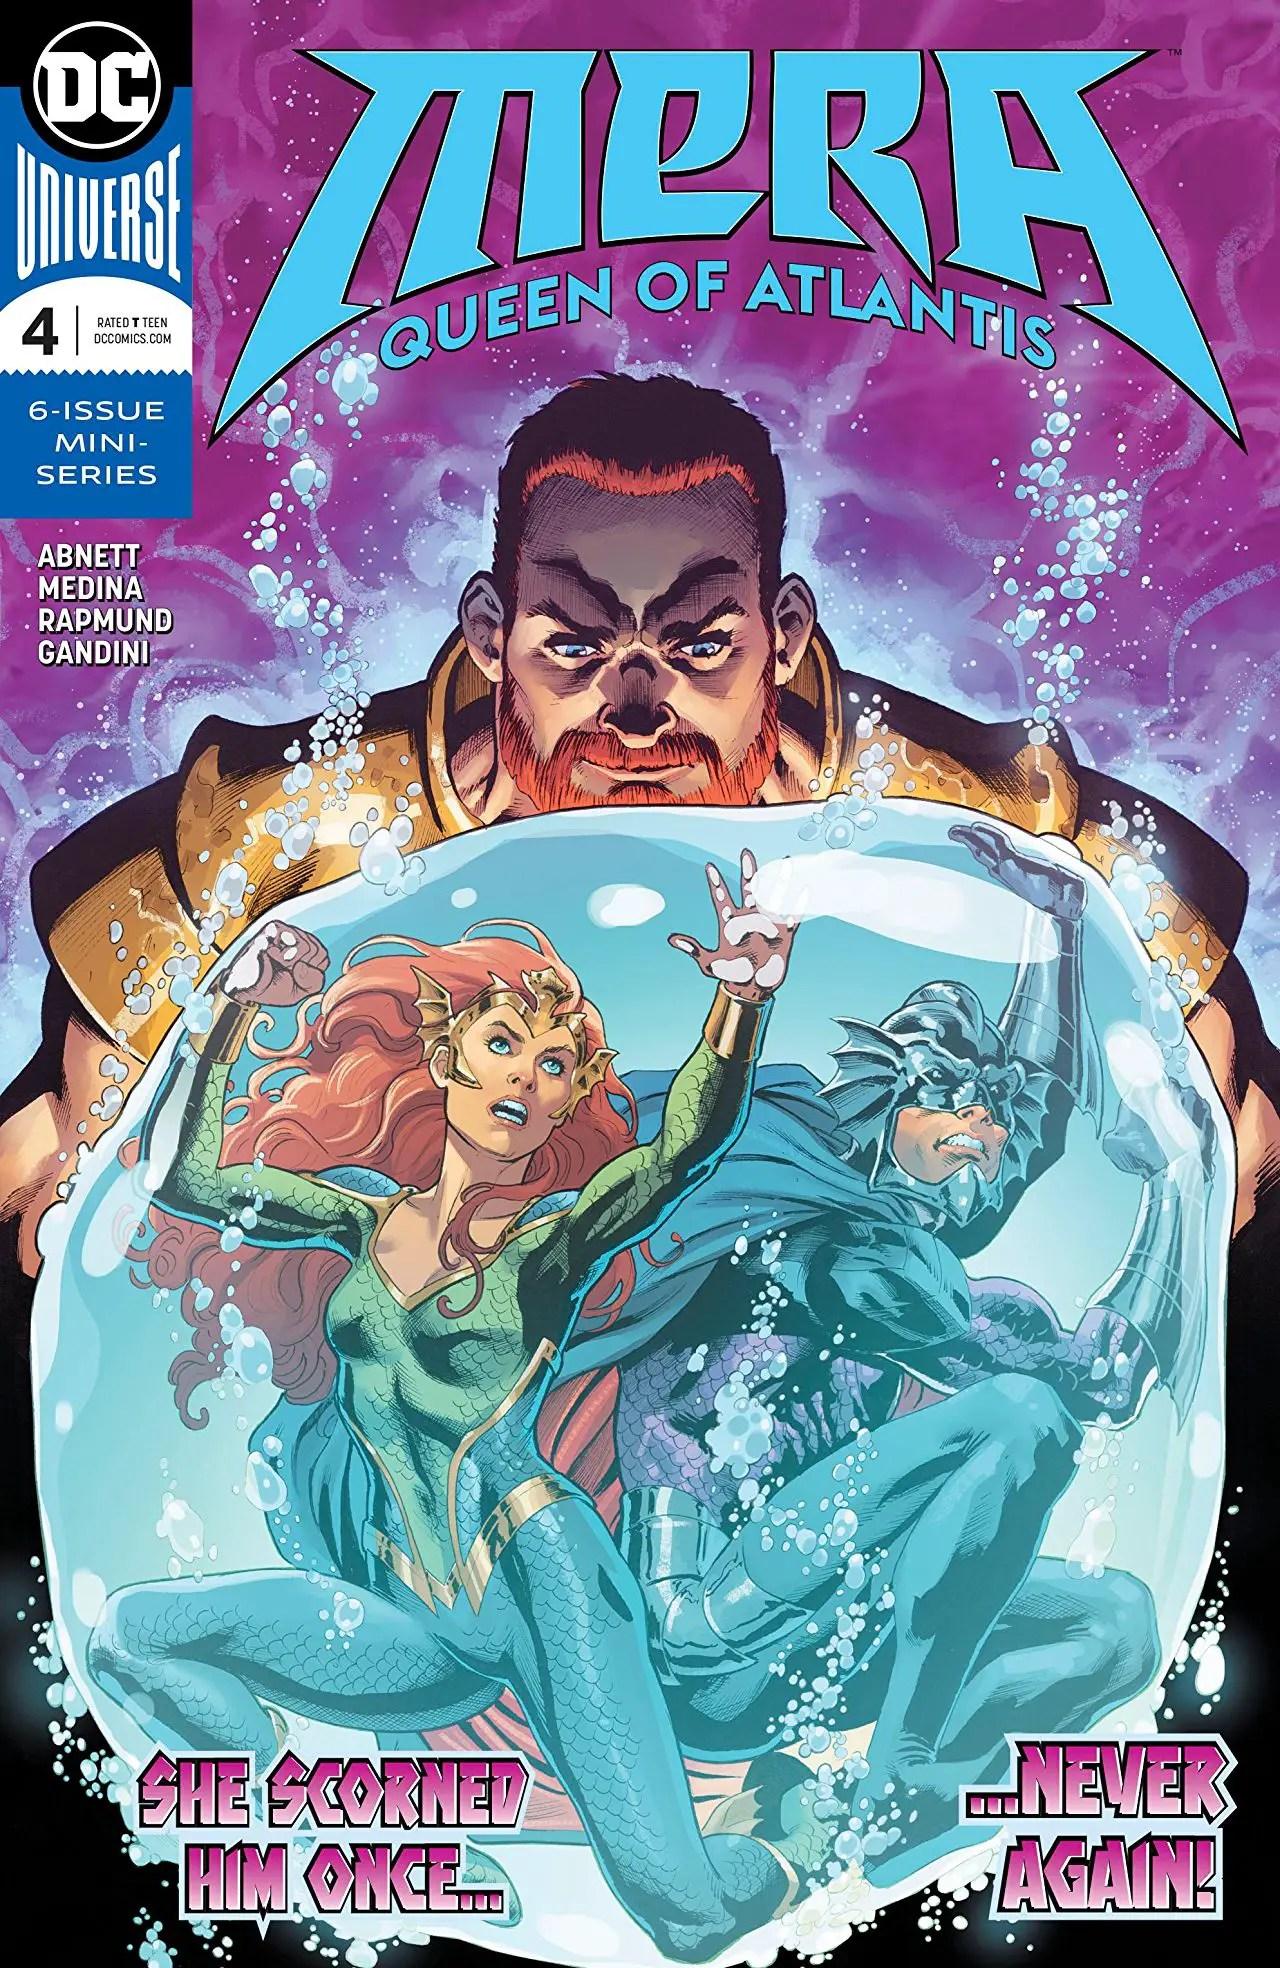 Mera: Queen of Atlantis #4 Review